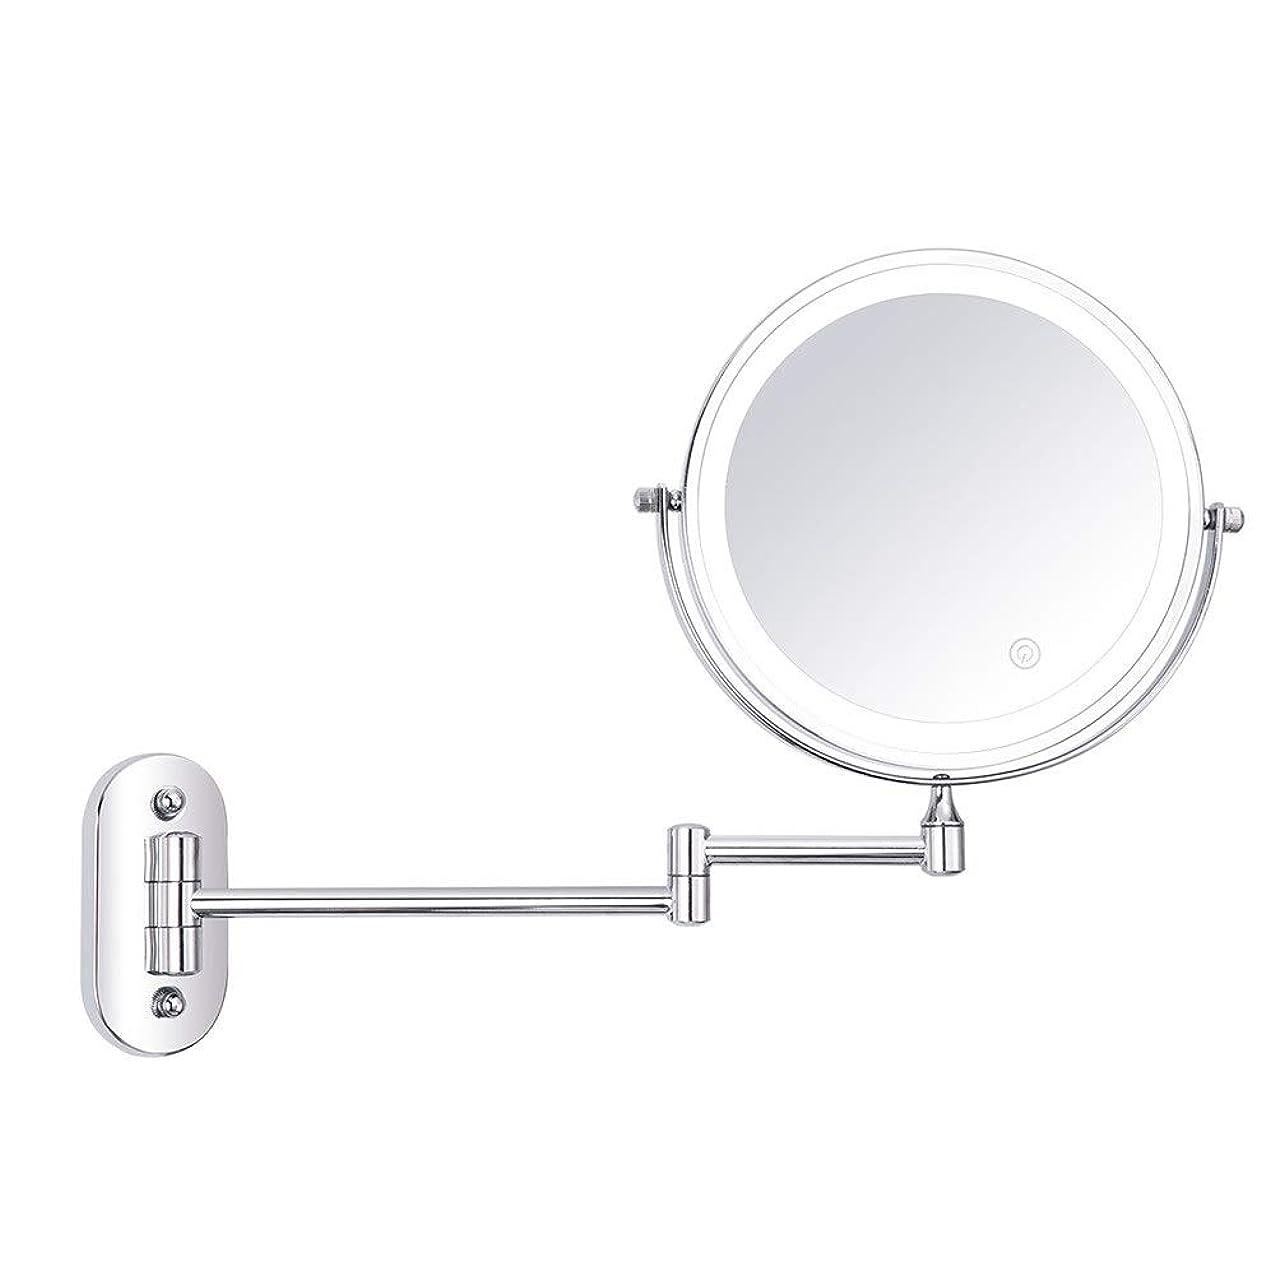 船横たわる高める化粧鏡 LED照明壁掛け化粧鏡3倍/ 5倍/ 7倍/ 10倍倍率8インチ両面回転タッチスクリーンバニティミラー拡張可能 浴室のシャワー旅行 (色 : 銀, サイズ : 10X)